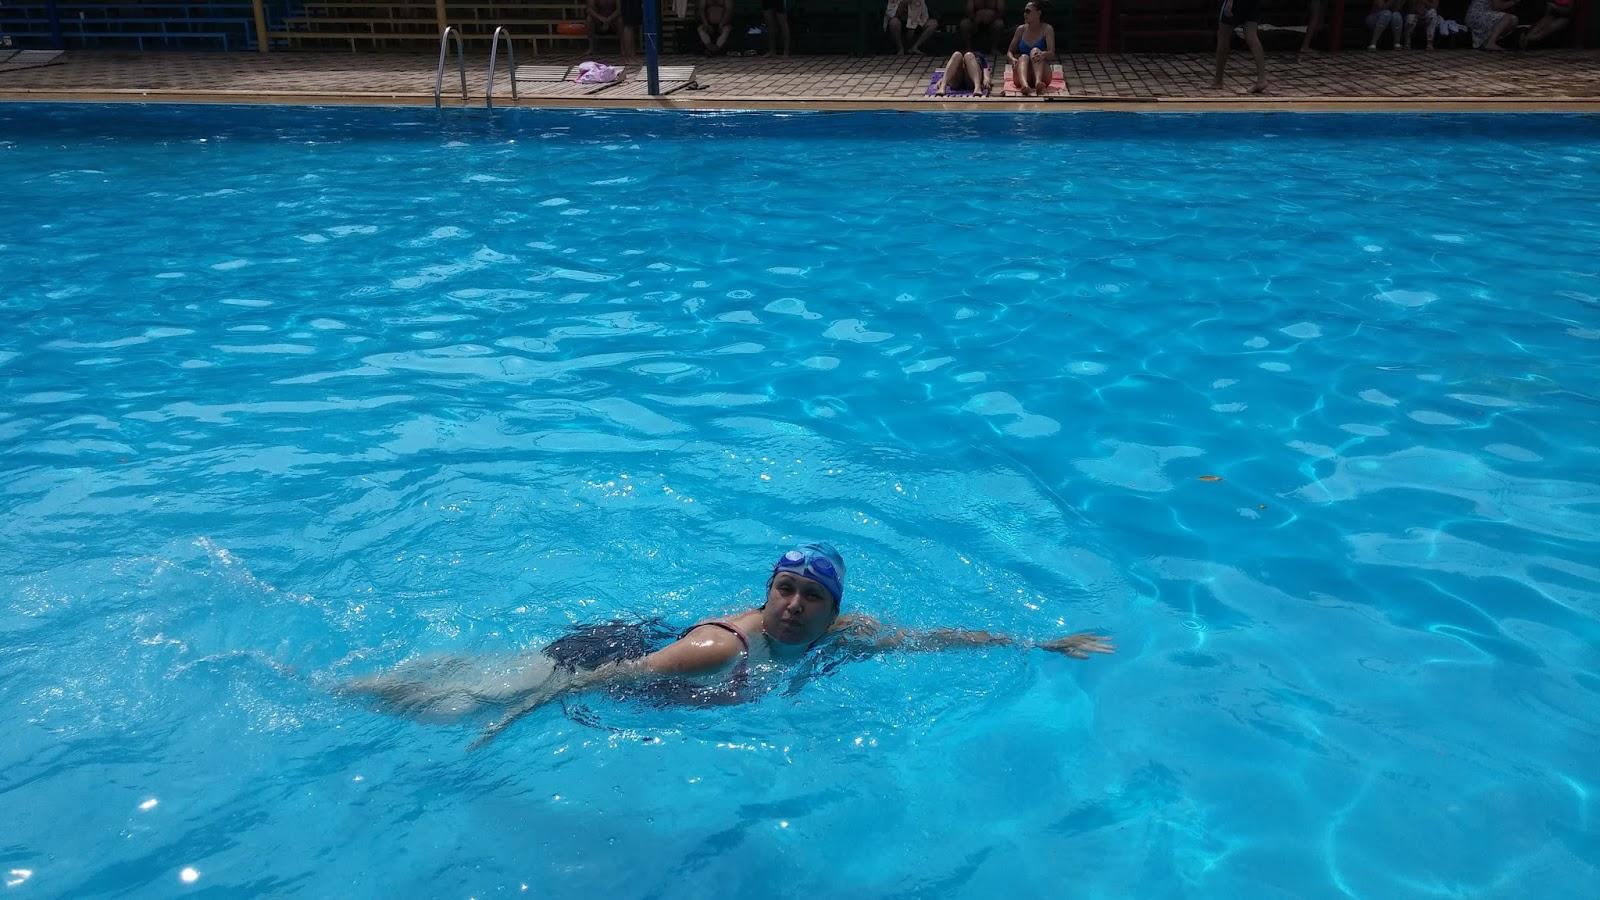 все идем в бассейн без одежды фото очень